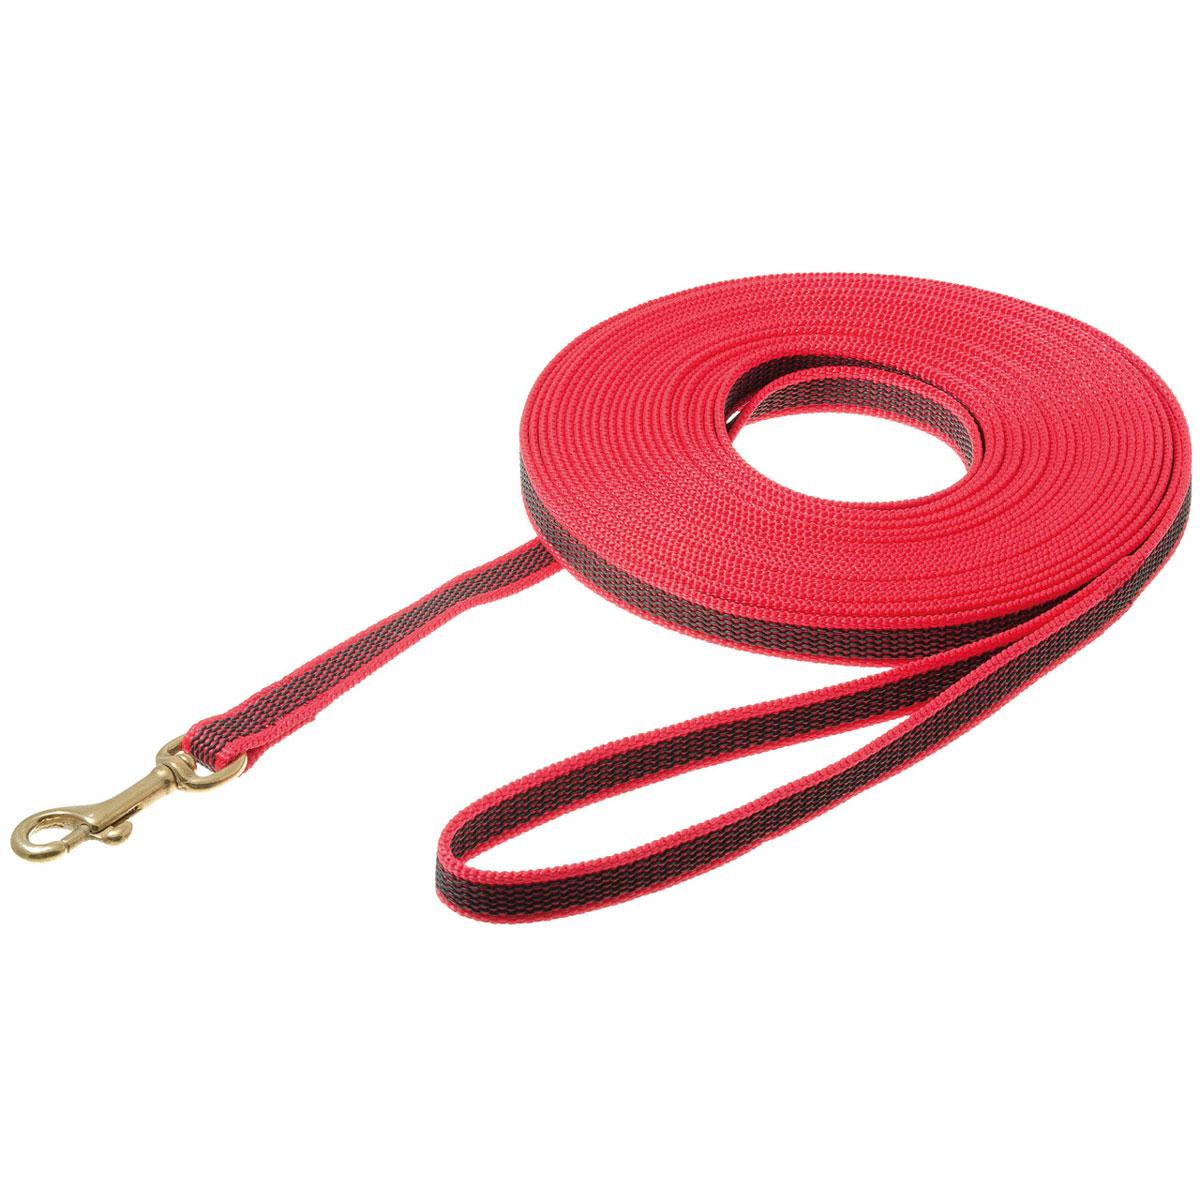 Поводок нейлоновый с карабином V.I.Pet для собак, 10 м73-2588_красный/бронзовый карабинПоводок V.I.Pet, изготовленный из нейлона с латексной нитью, прекрасно подойдет для собак крупных пород. Поводок применяется для прогулок и дрессировки собаки. Он отличается большой длиной, высокой прочность и долговечностью. Поводок снабжен надежным карабином. Специальный переходник позволяет карабину крутиться вокруг своей оси, предотвращая запутывание поводка. На поводке имеется петля, которая одевается на руку для более удобного использования. Длина поводка: 10 м. Ширина поводка: 1,5 см.